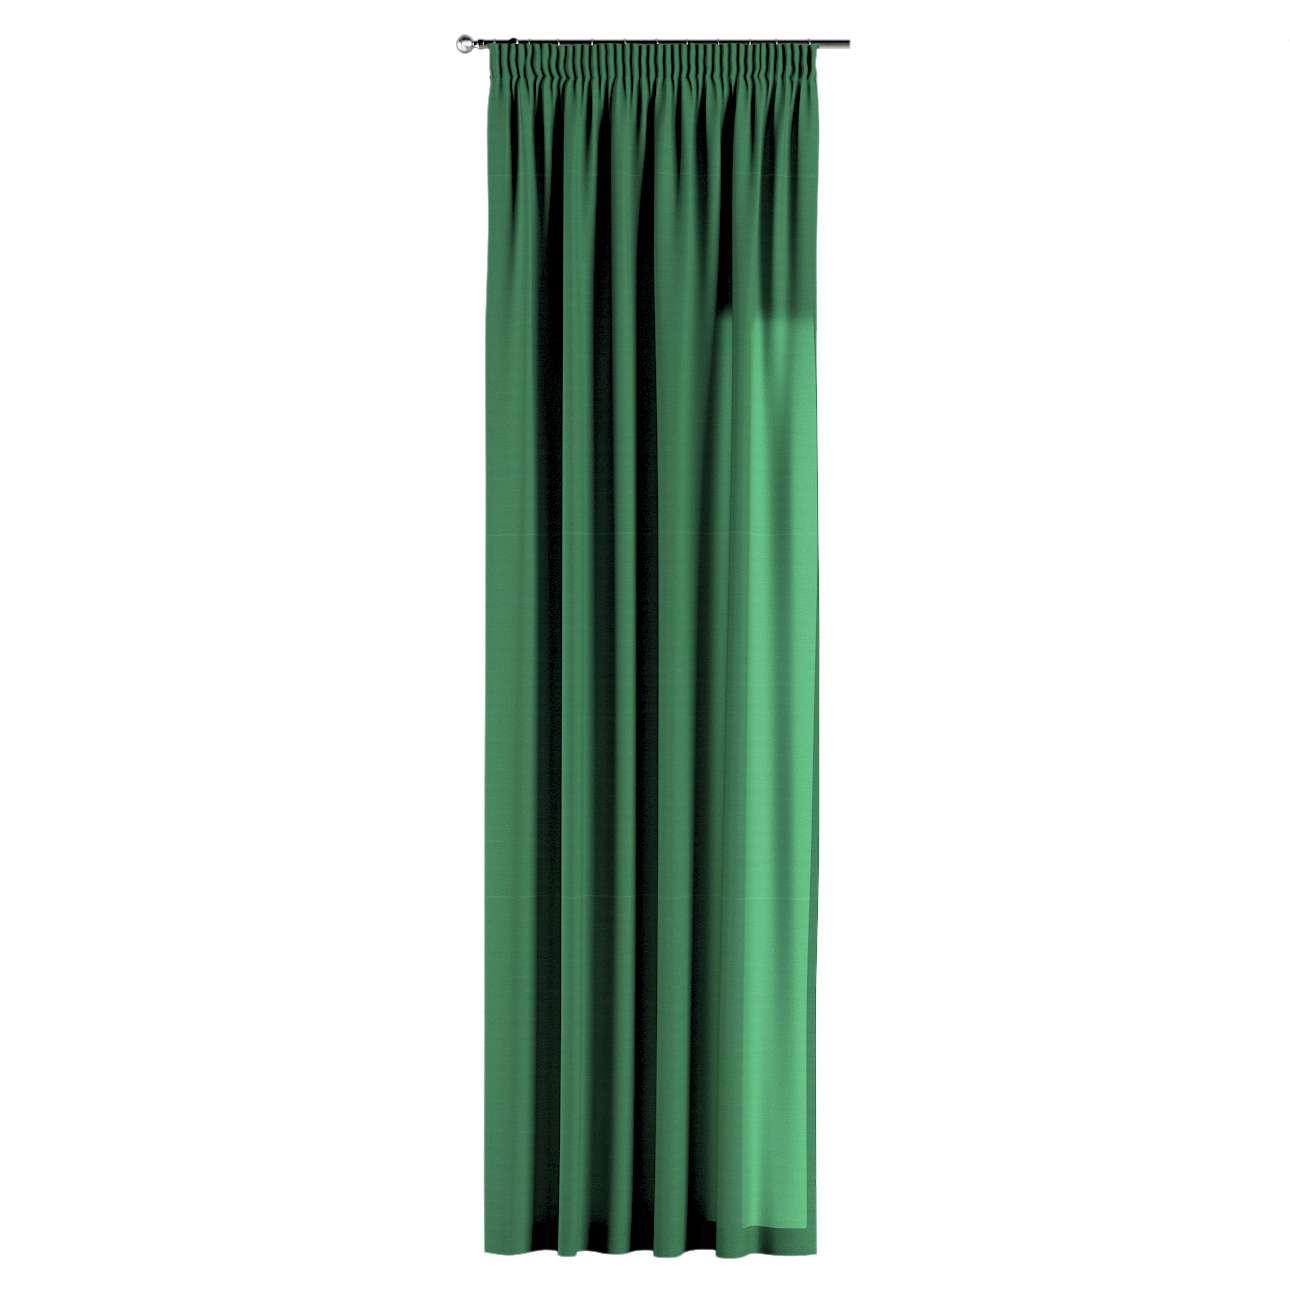 Zasłona na taśmie marszczącej 1 szt. 1szt 130x260 cm w kolekcji Loneta, tkanina: 133-18